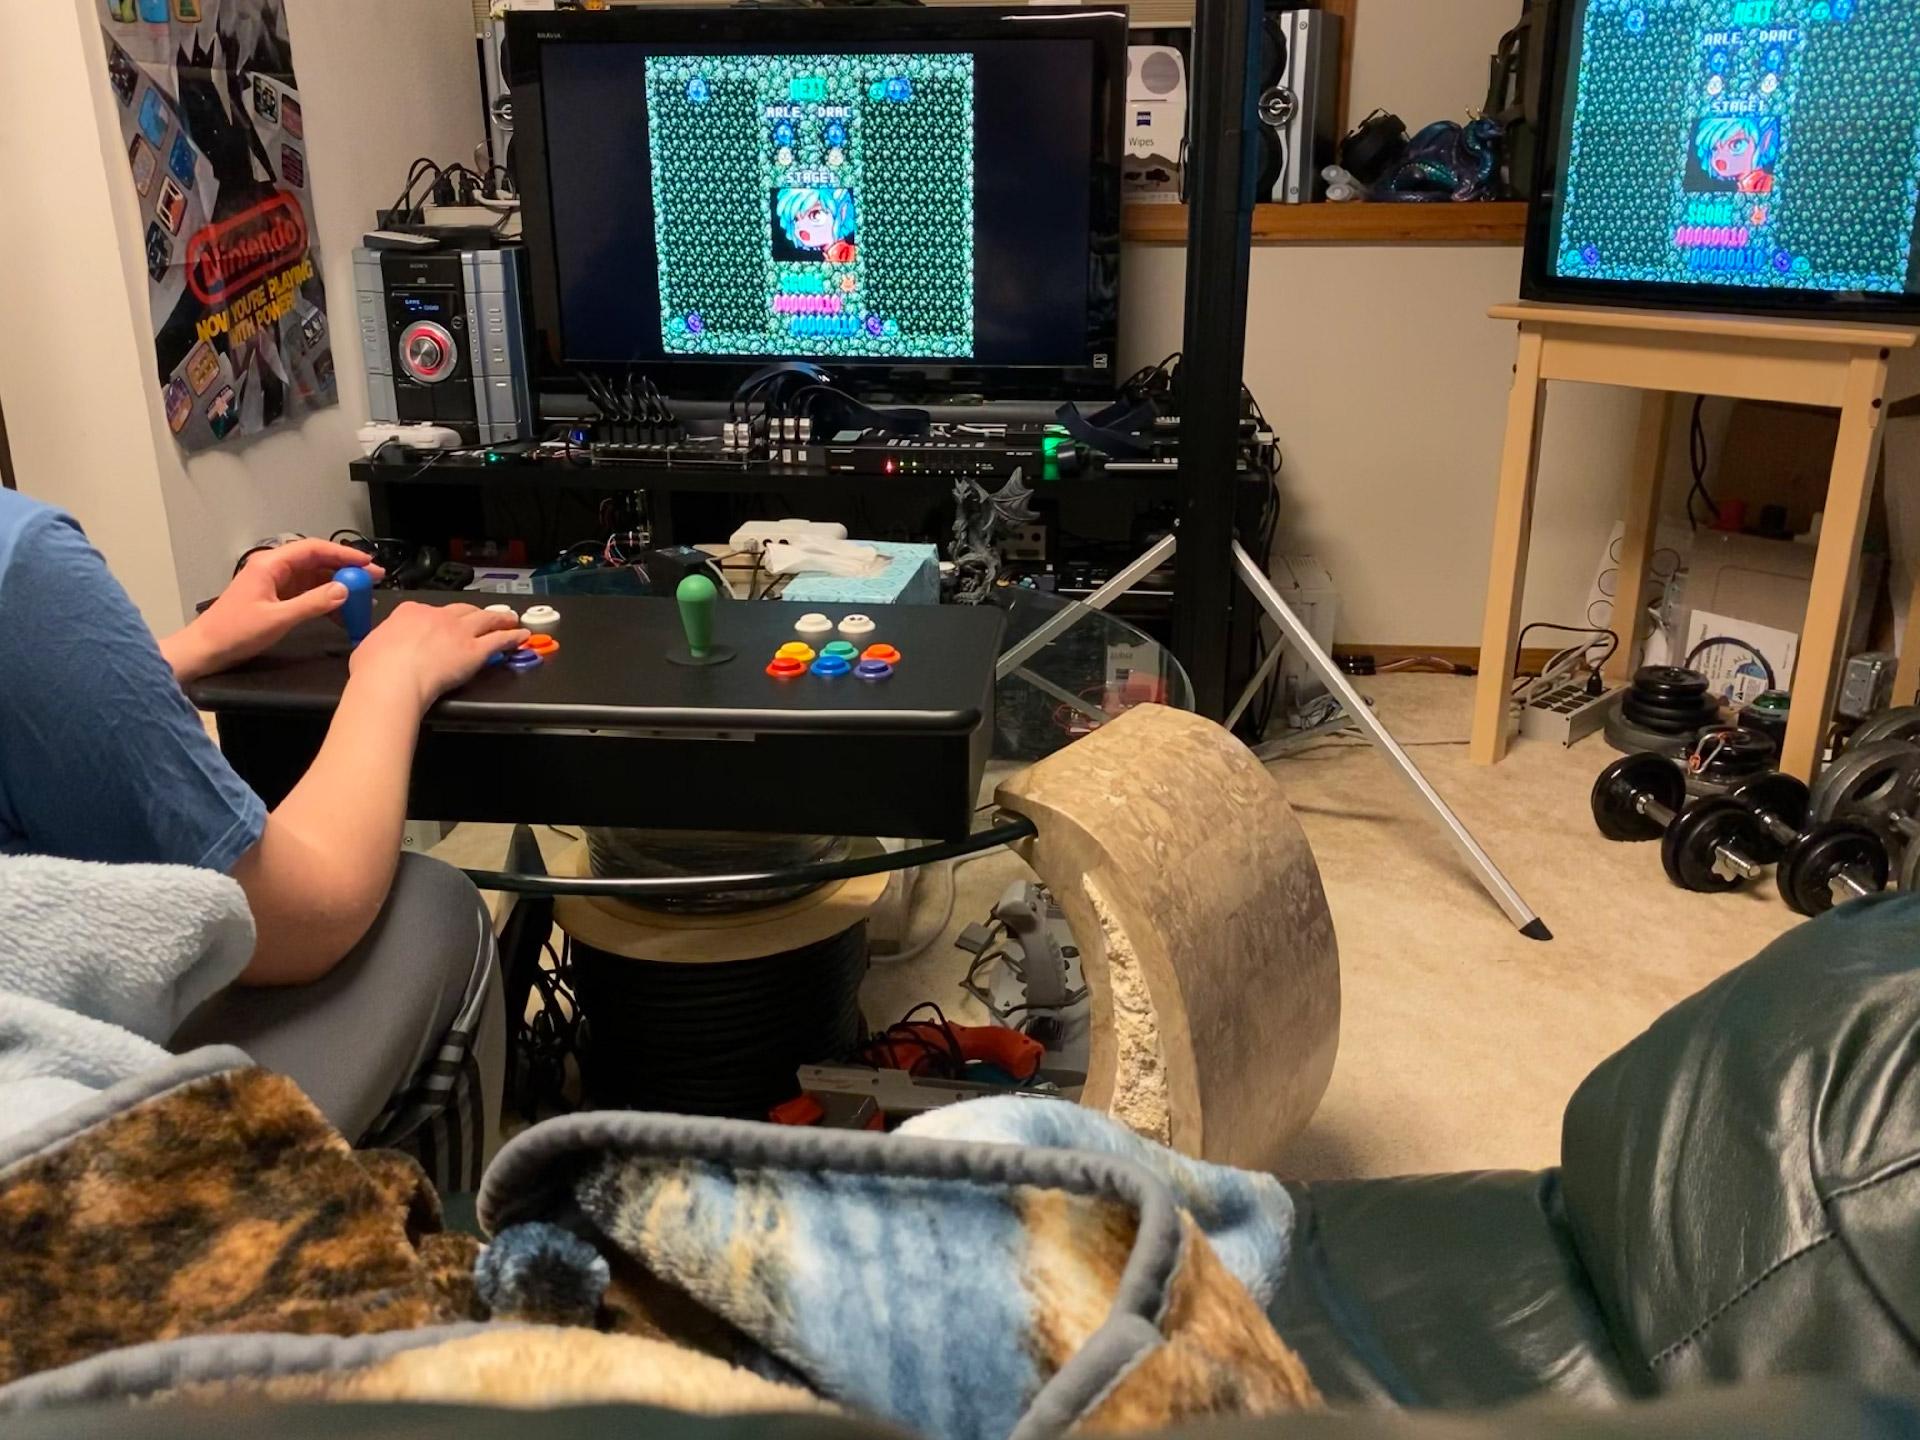 Arcade Controller v2.1 - puyo.jpg